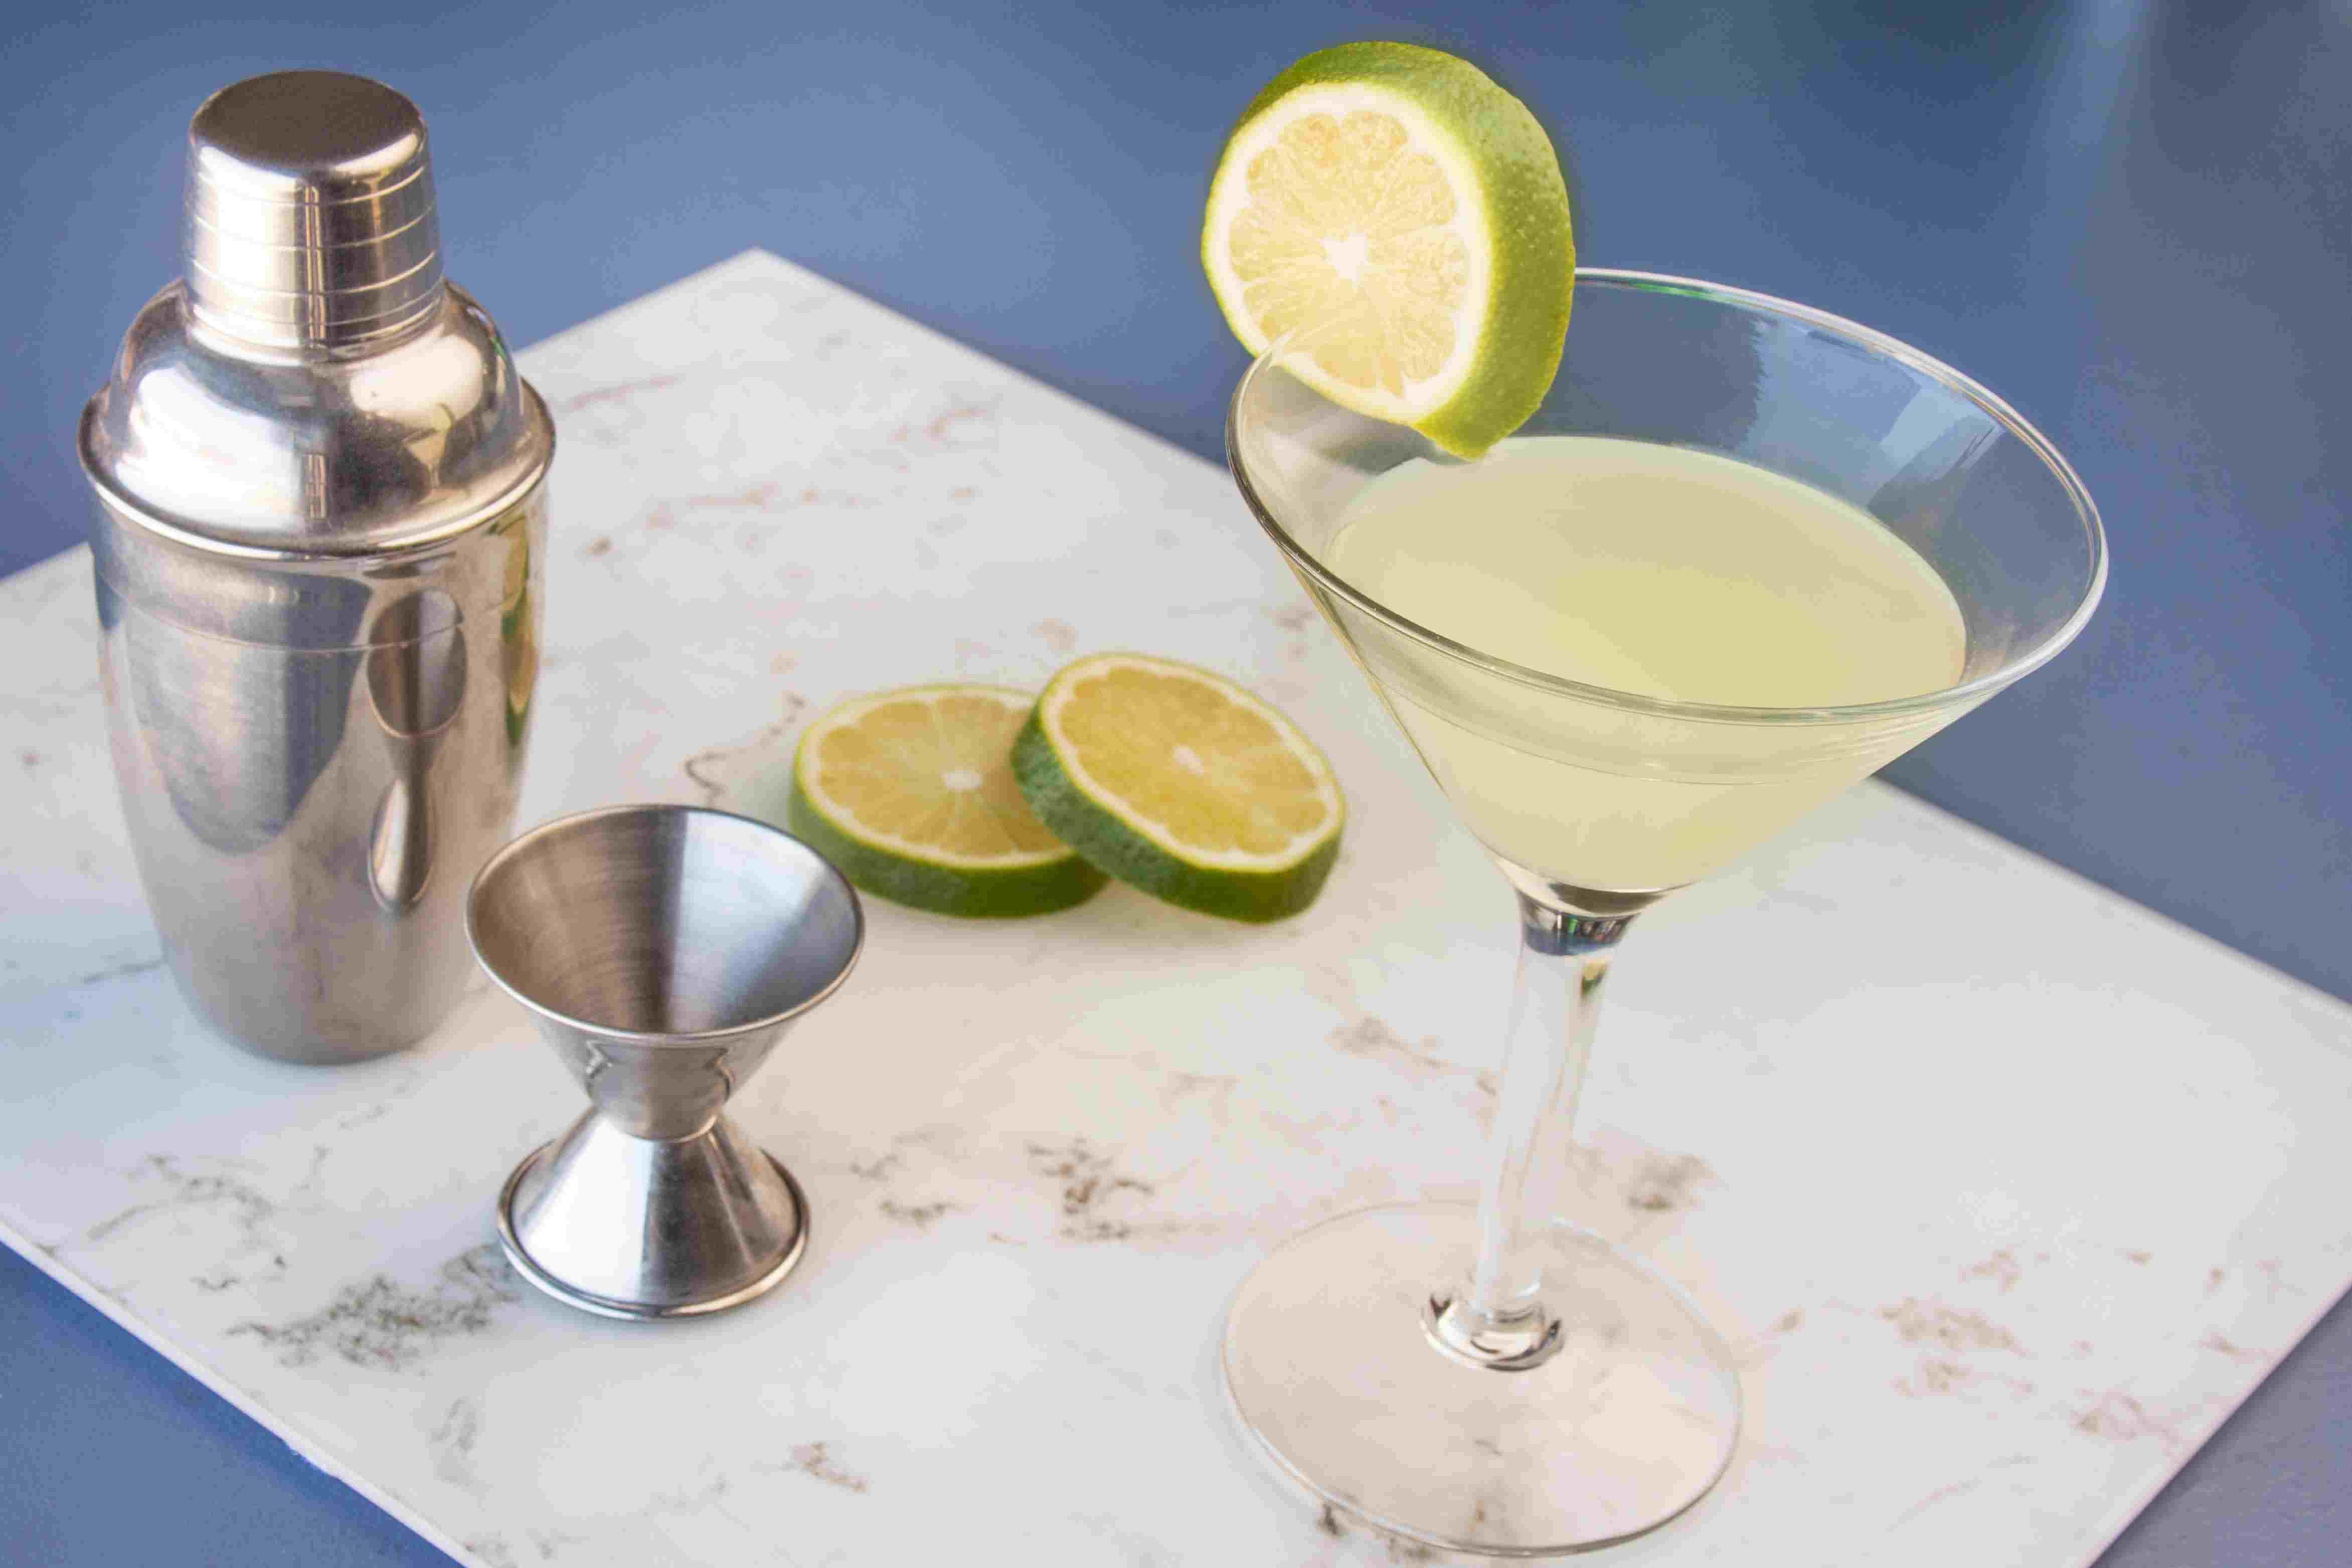 The Original Daiquiri Cocktail